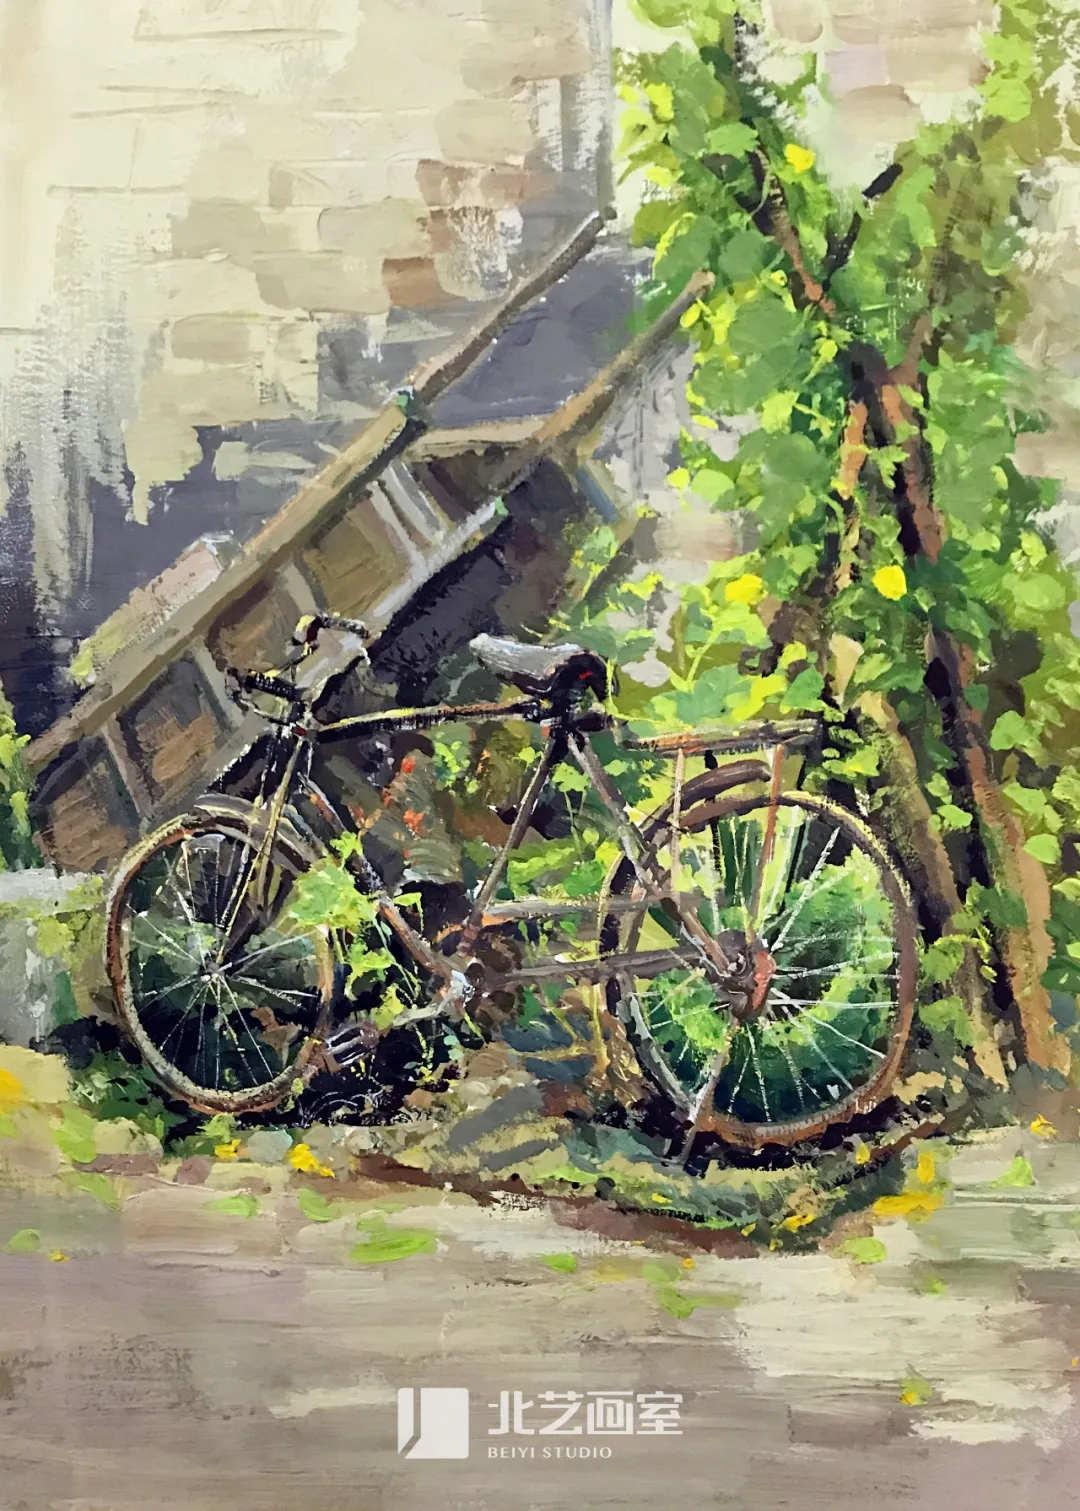 色彩风景作品赏析——自行车、小树